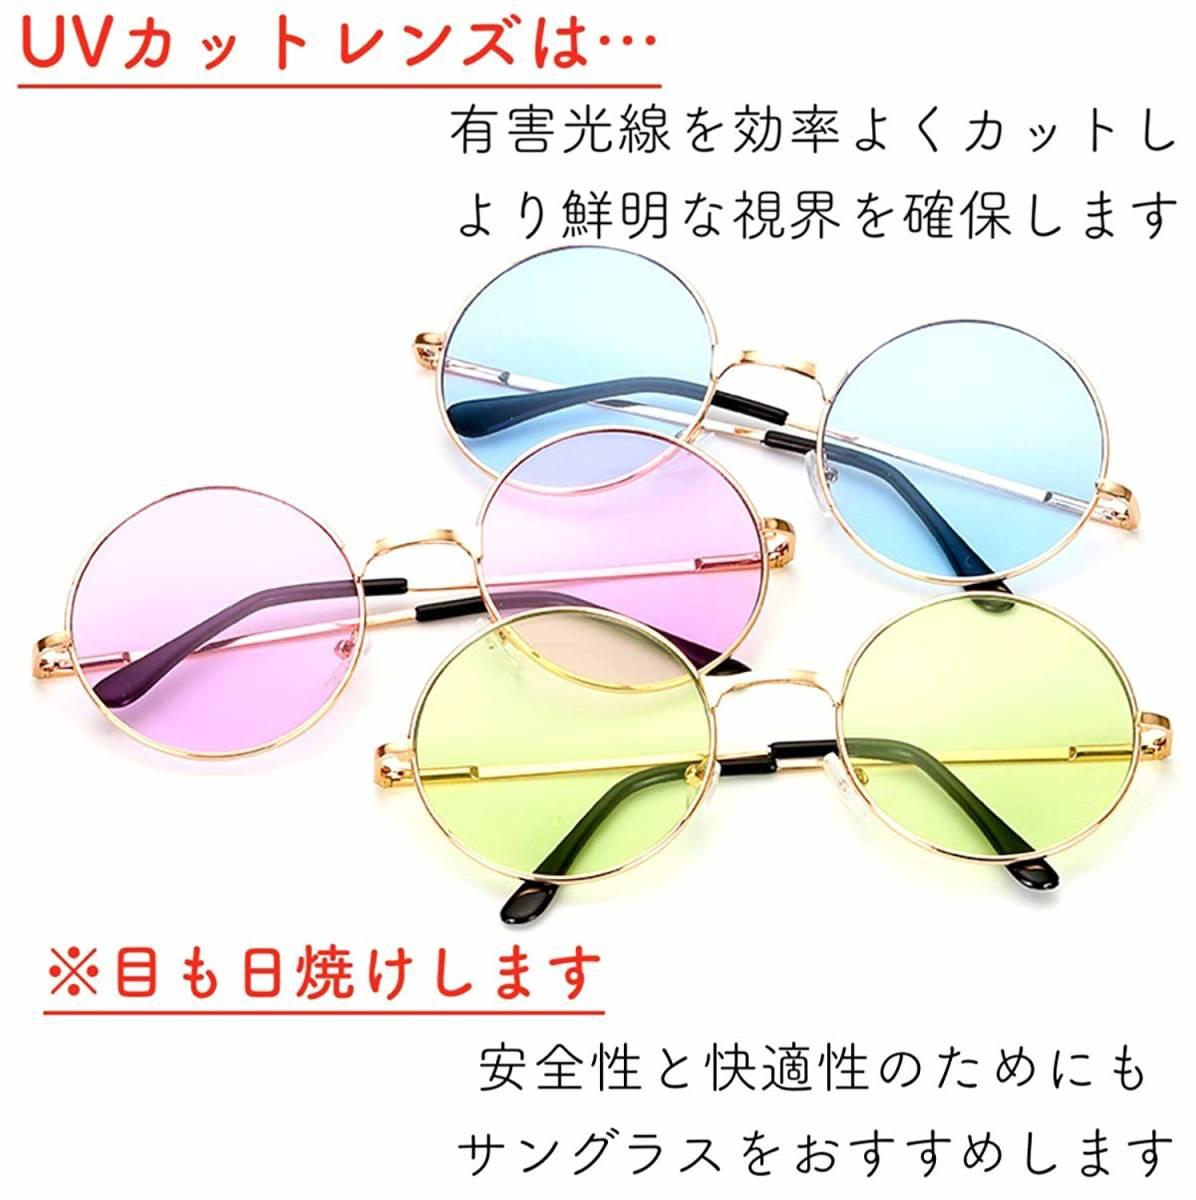 【メガネケース&クロス付】丸型 サングラス 丸サングラス ラウンド型 ファッション丸メガネ 軽量 UVカット クリアピンク 送料無料_画像2